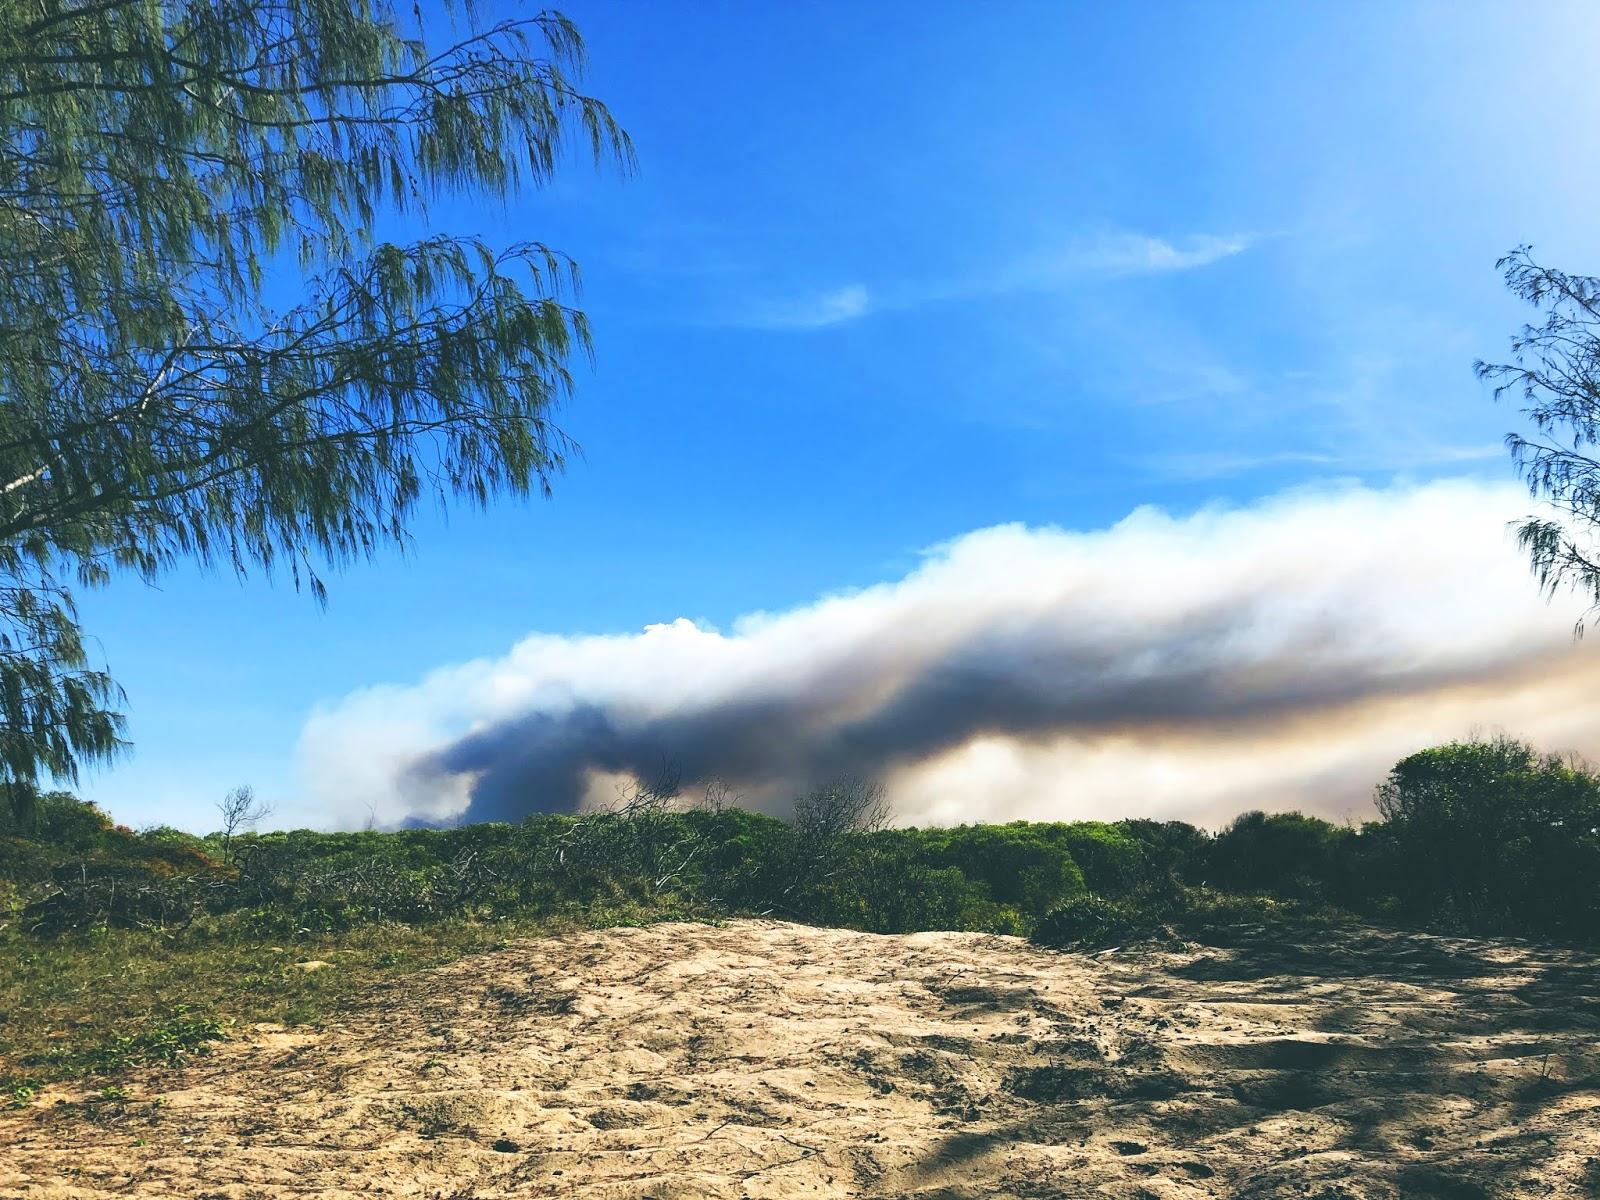 Pożar lasu w Kinkuna National Park